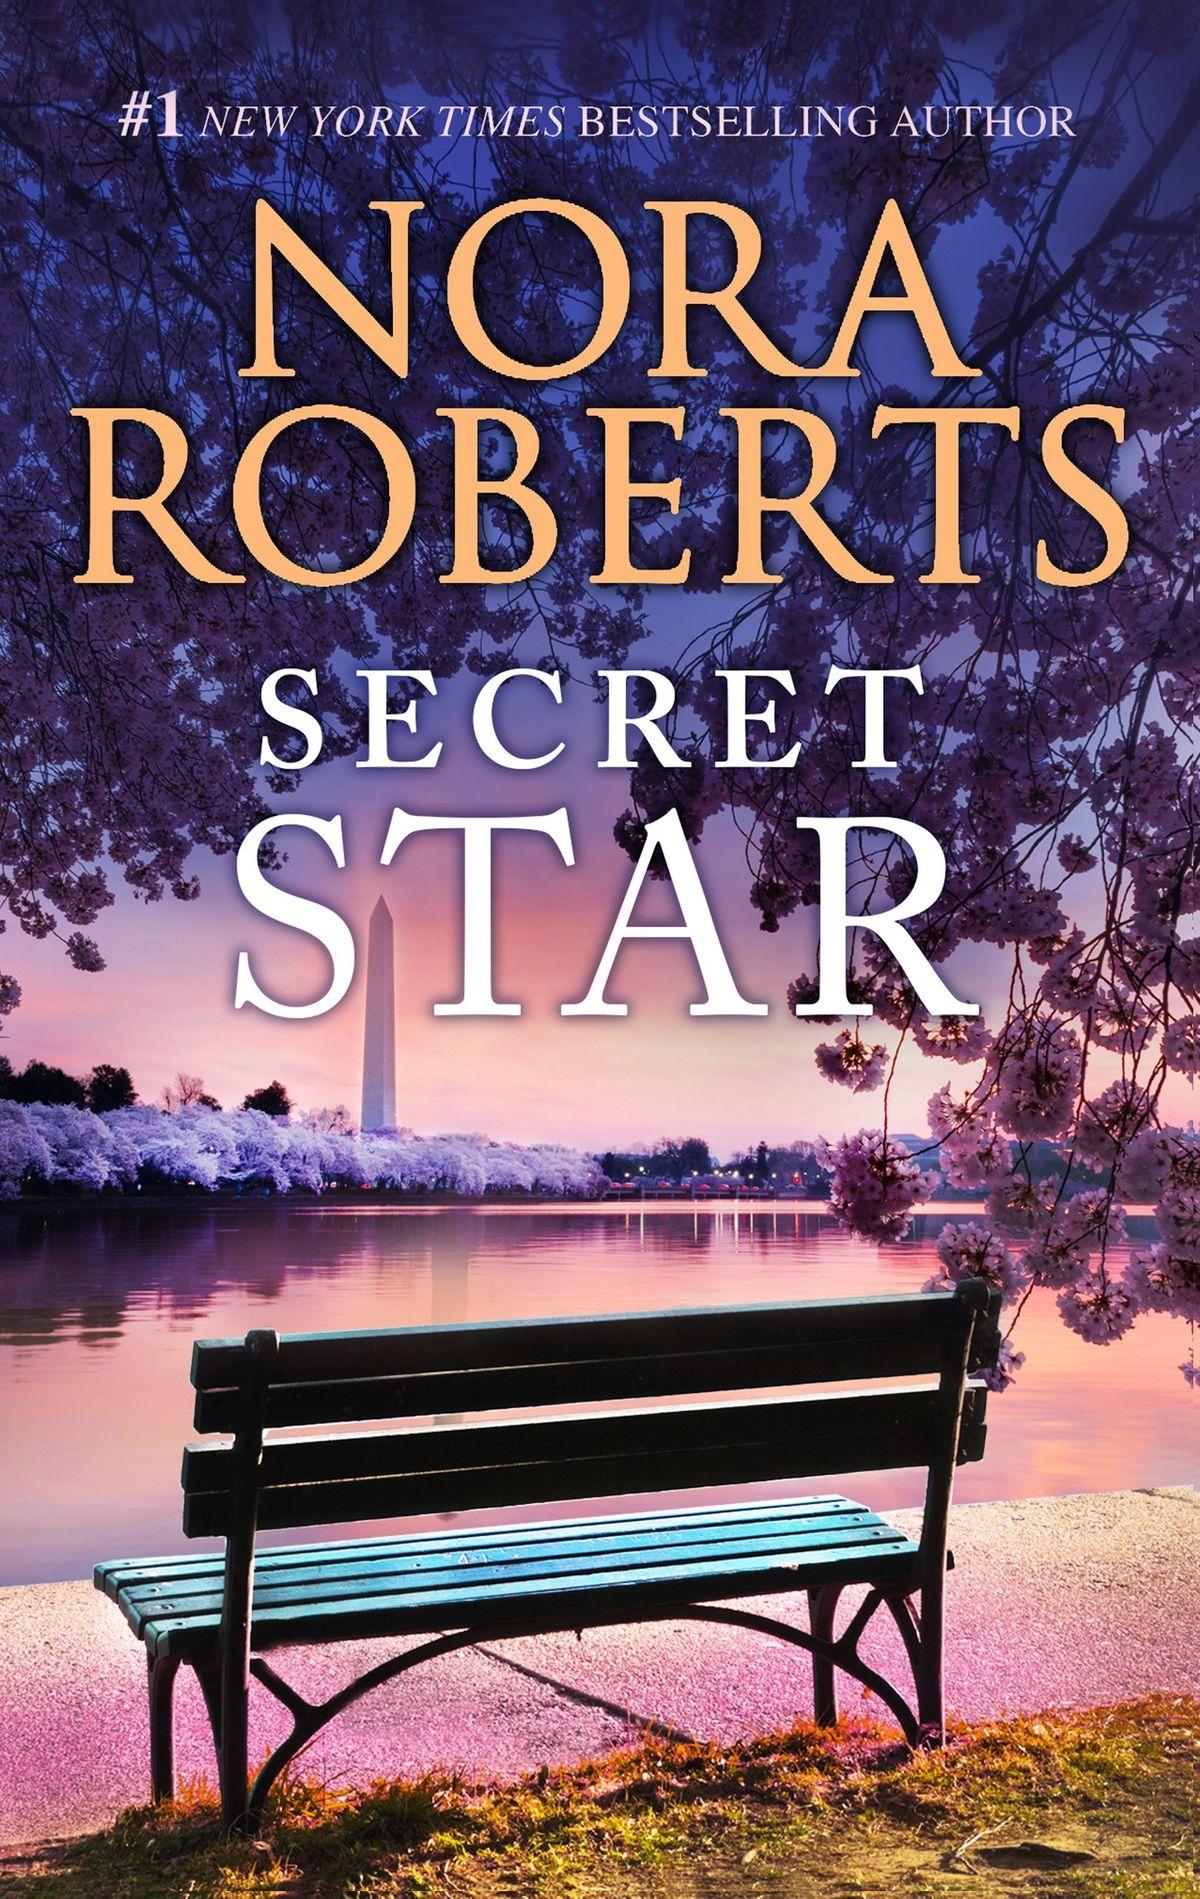 Nora Roberts books 59